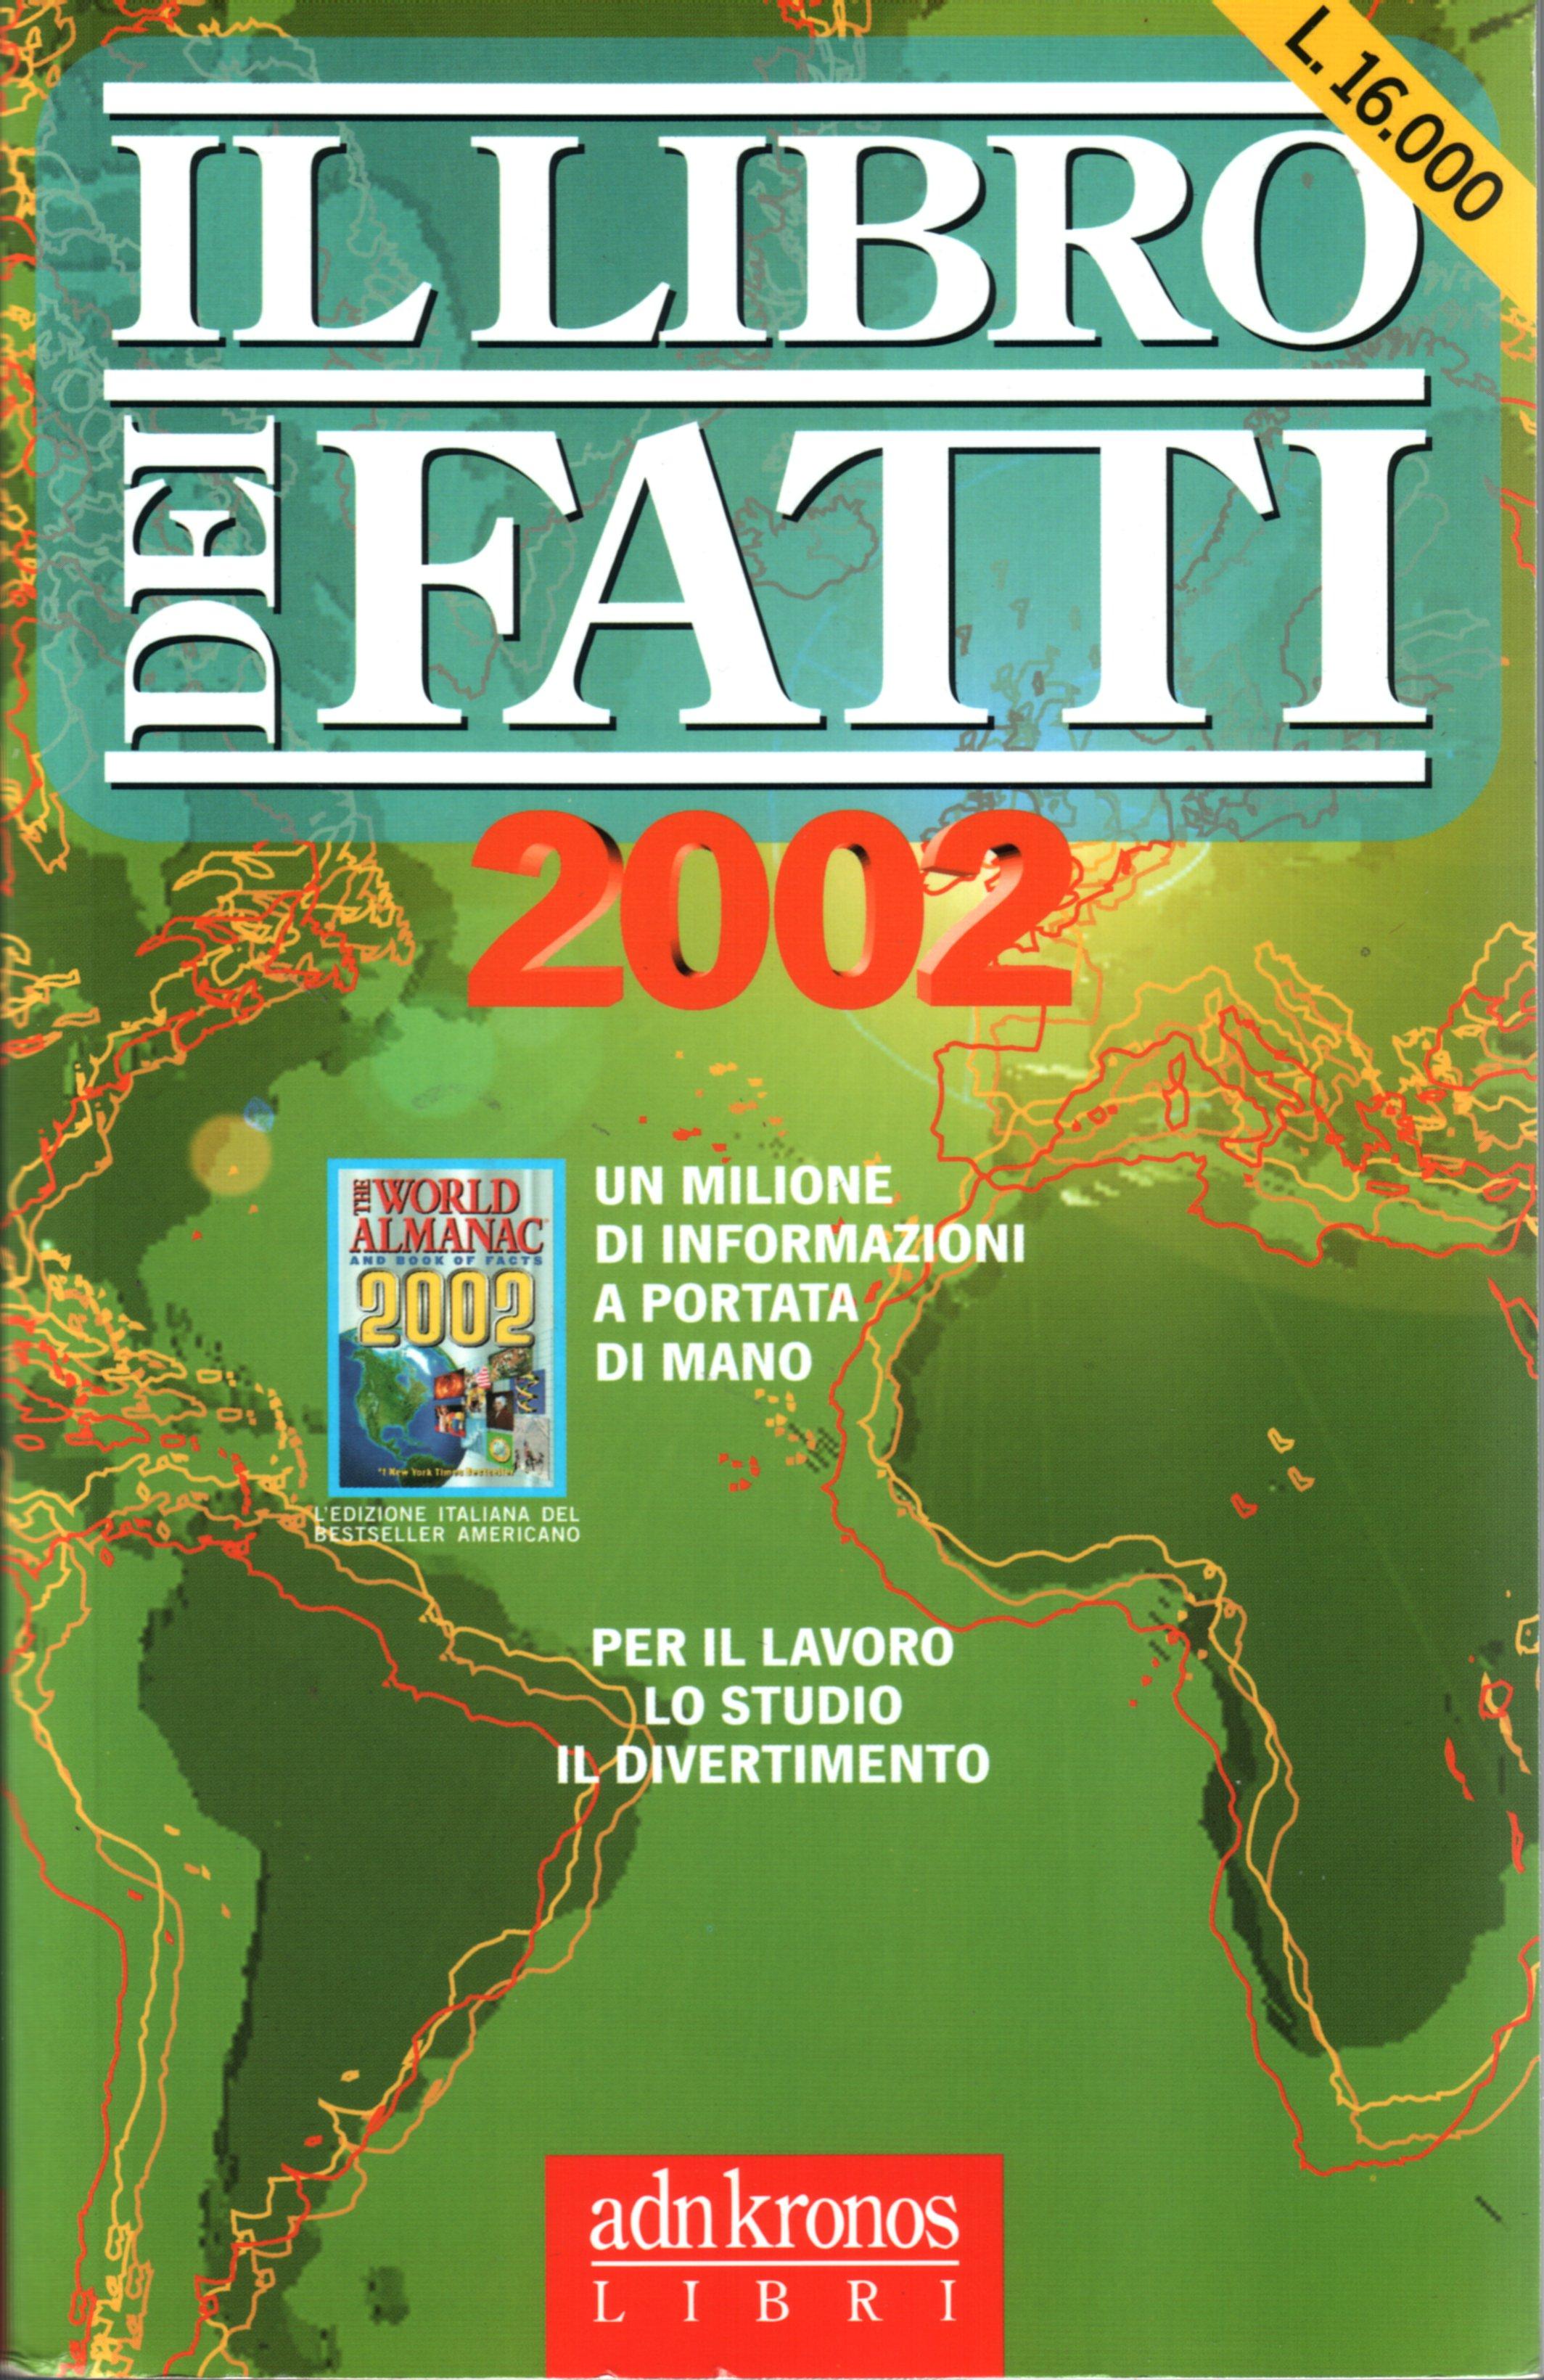 Il libro dei fatti 2002